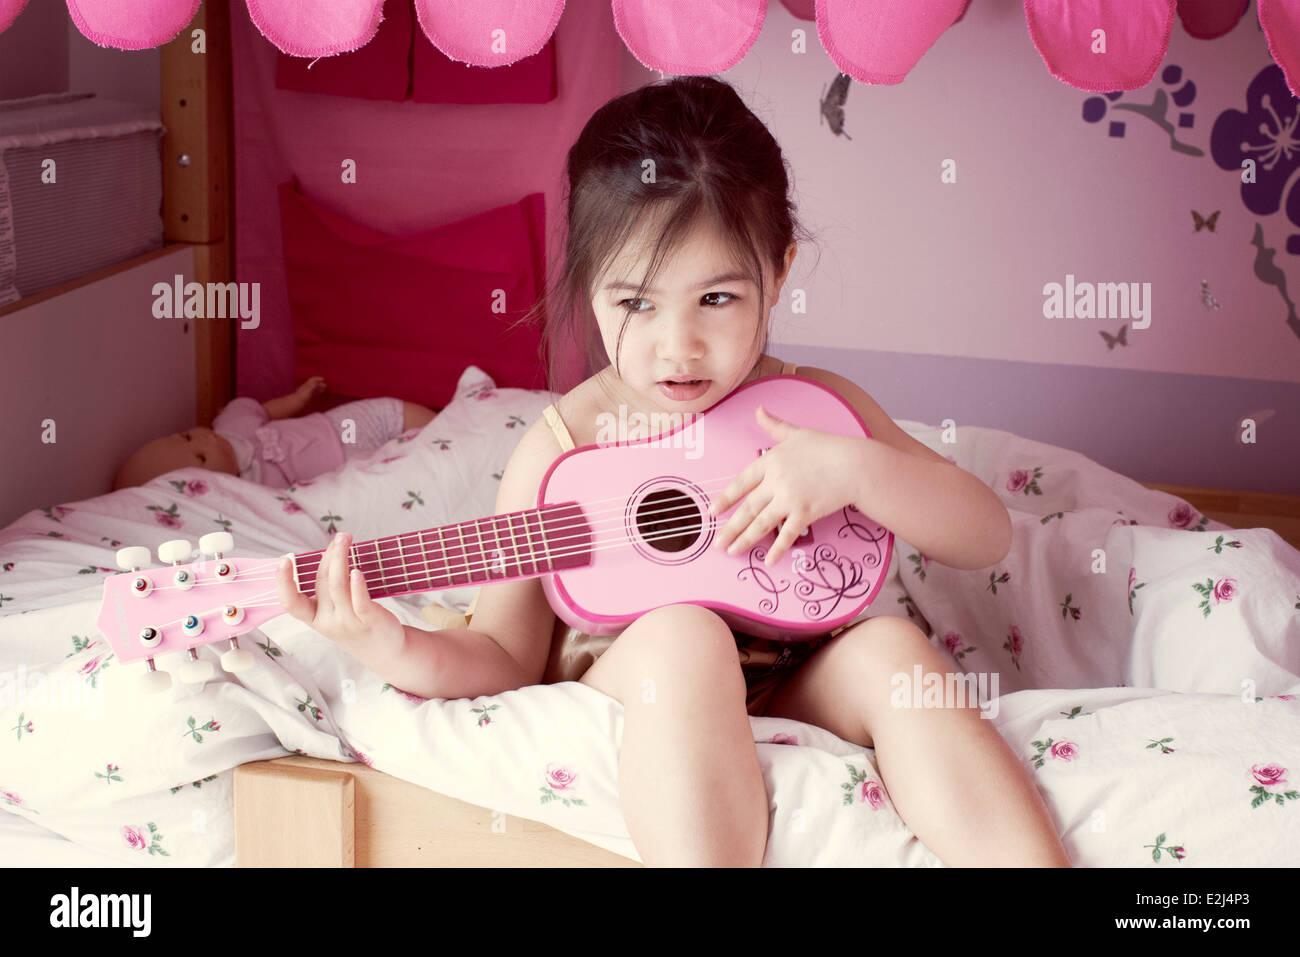 Petite fille assise sur le lit, jouant de la guitare jouet Photo Stock